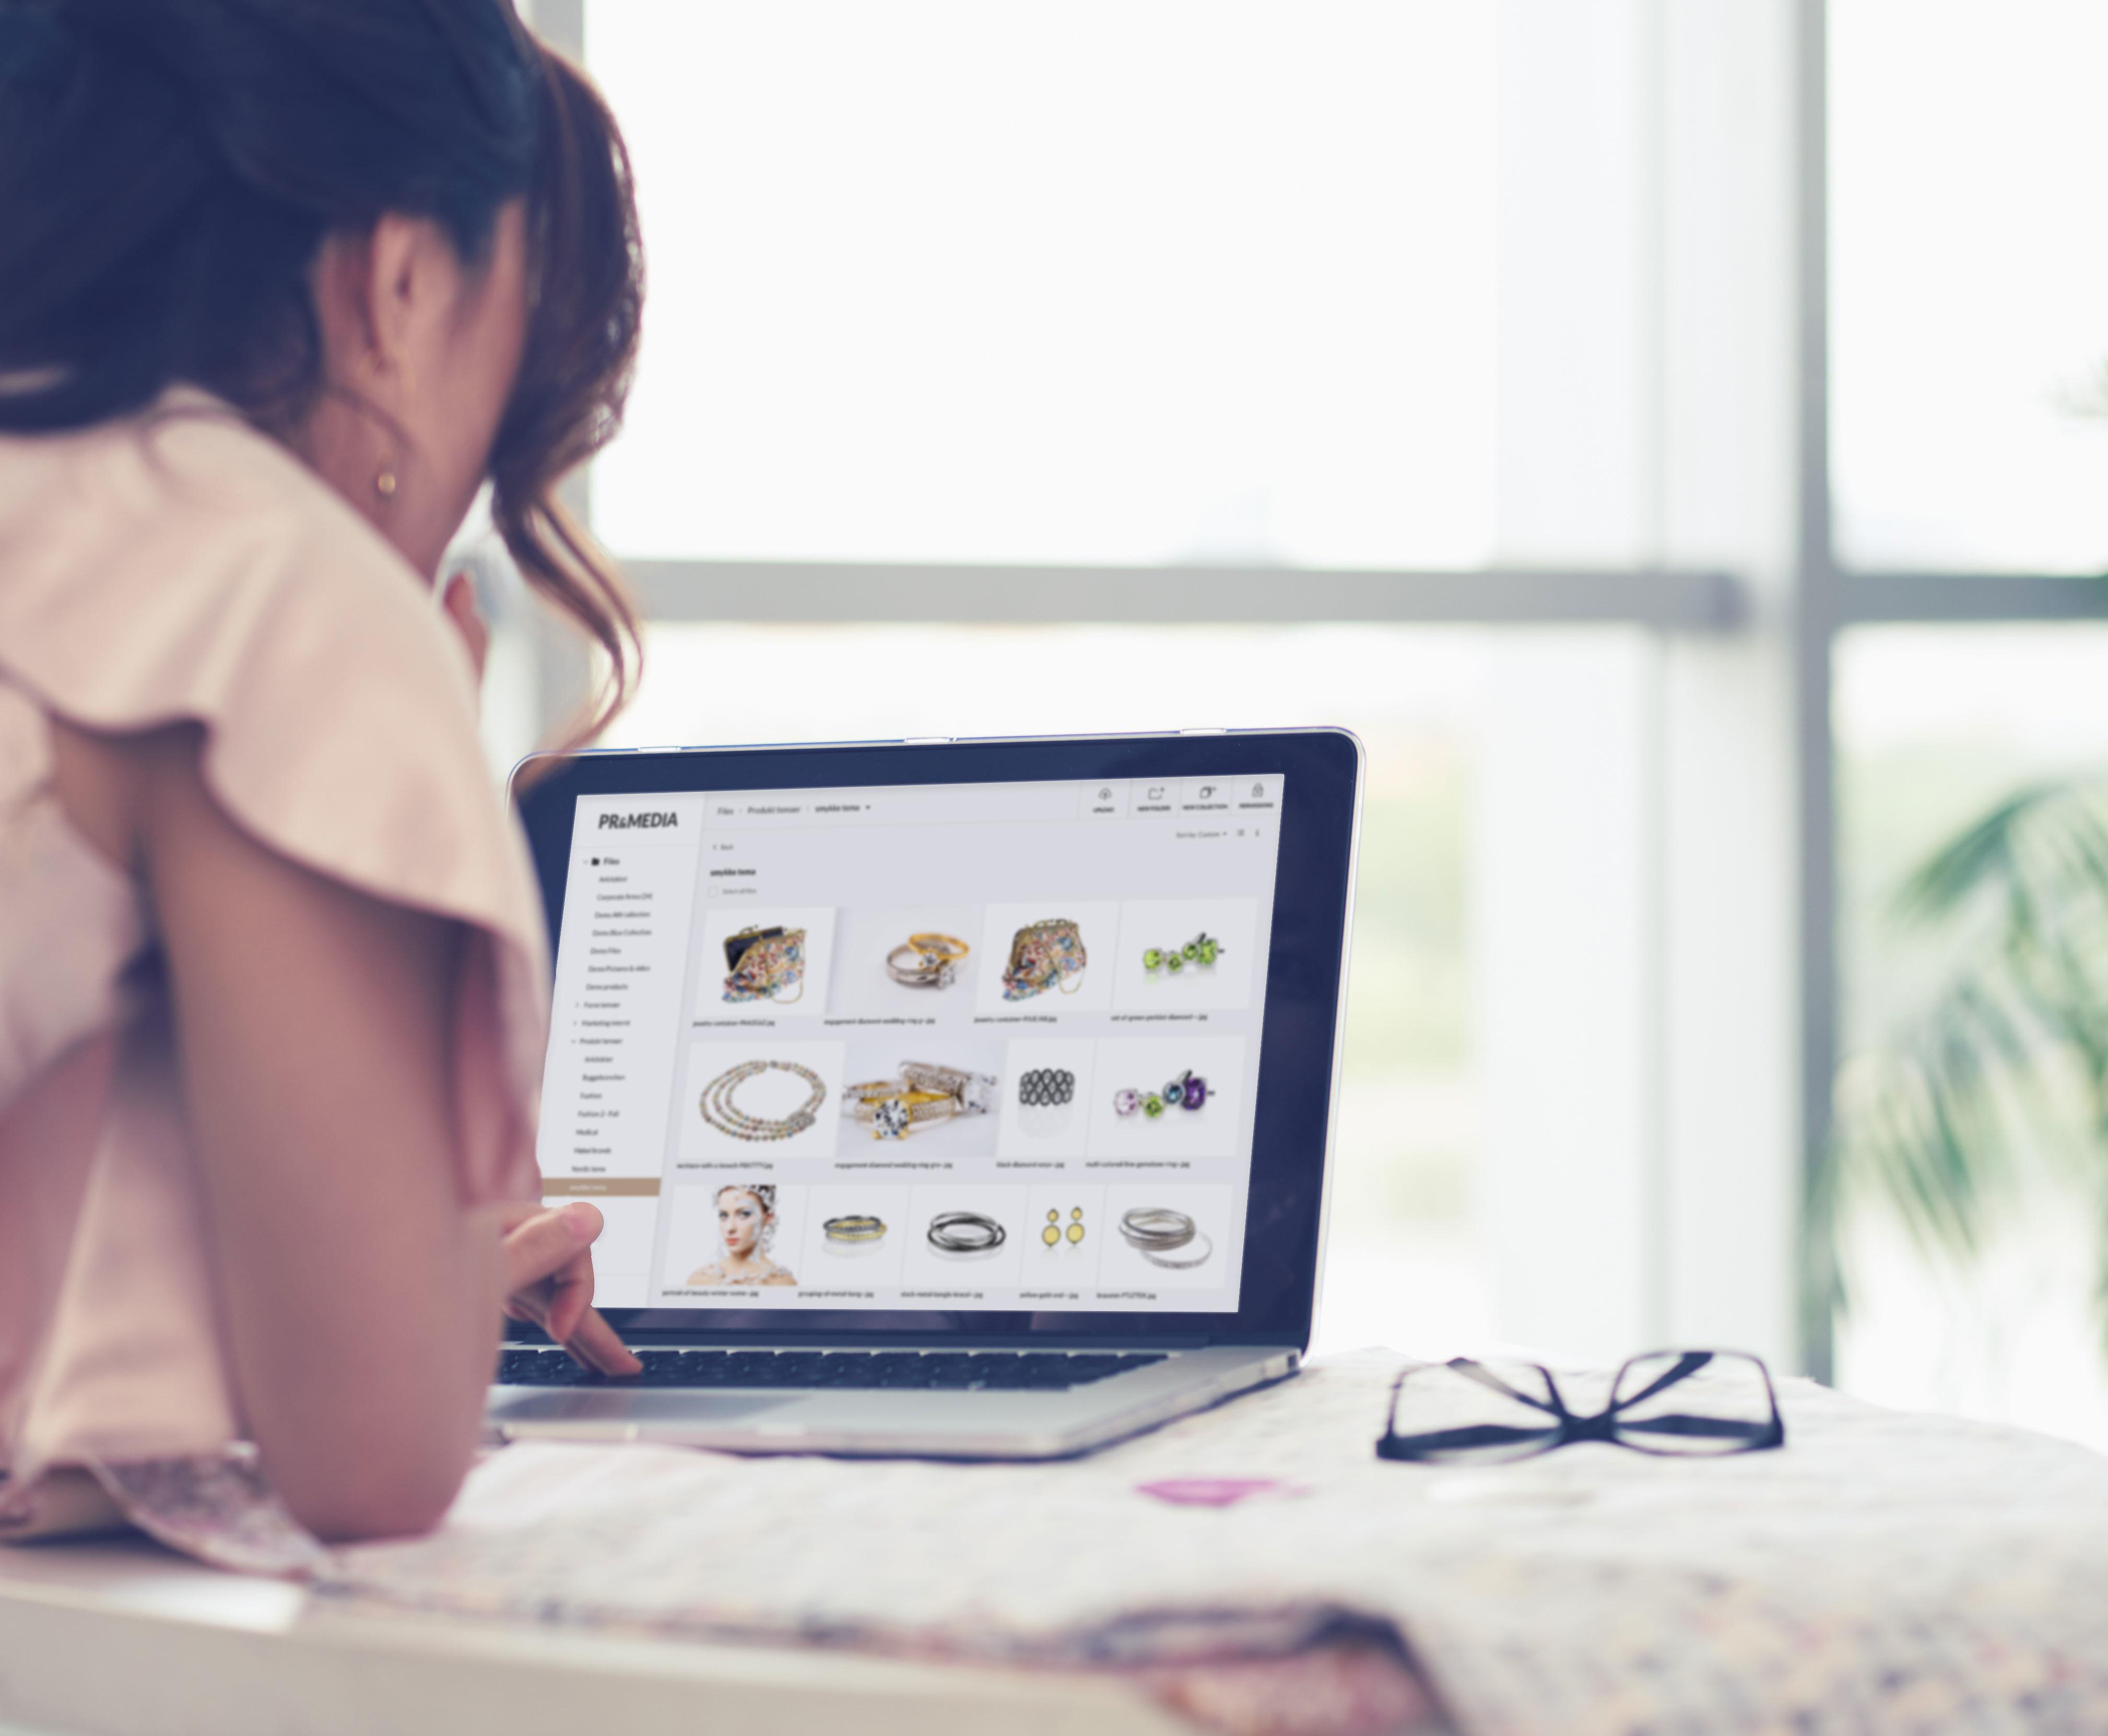 Kontainer - Digital Asset Management system